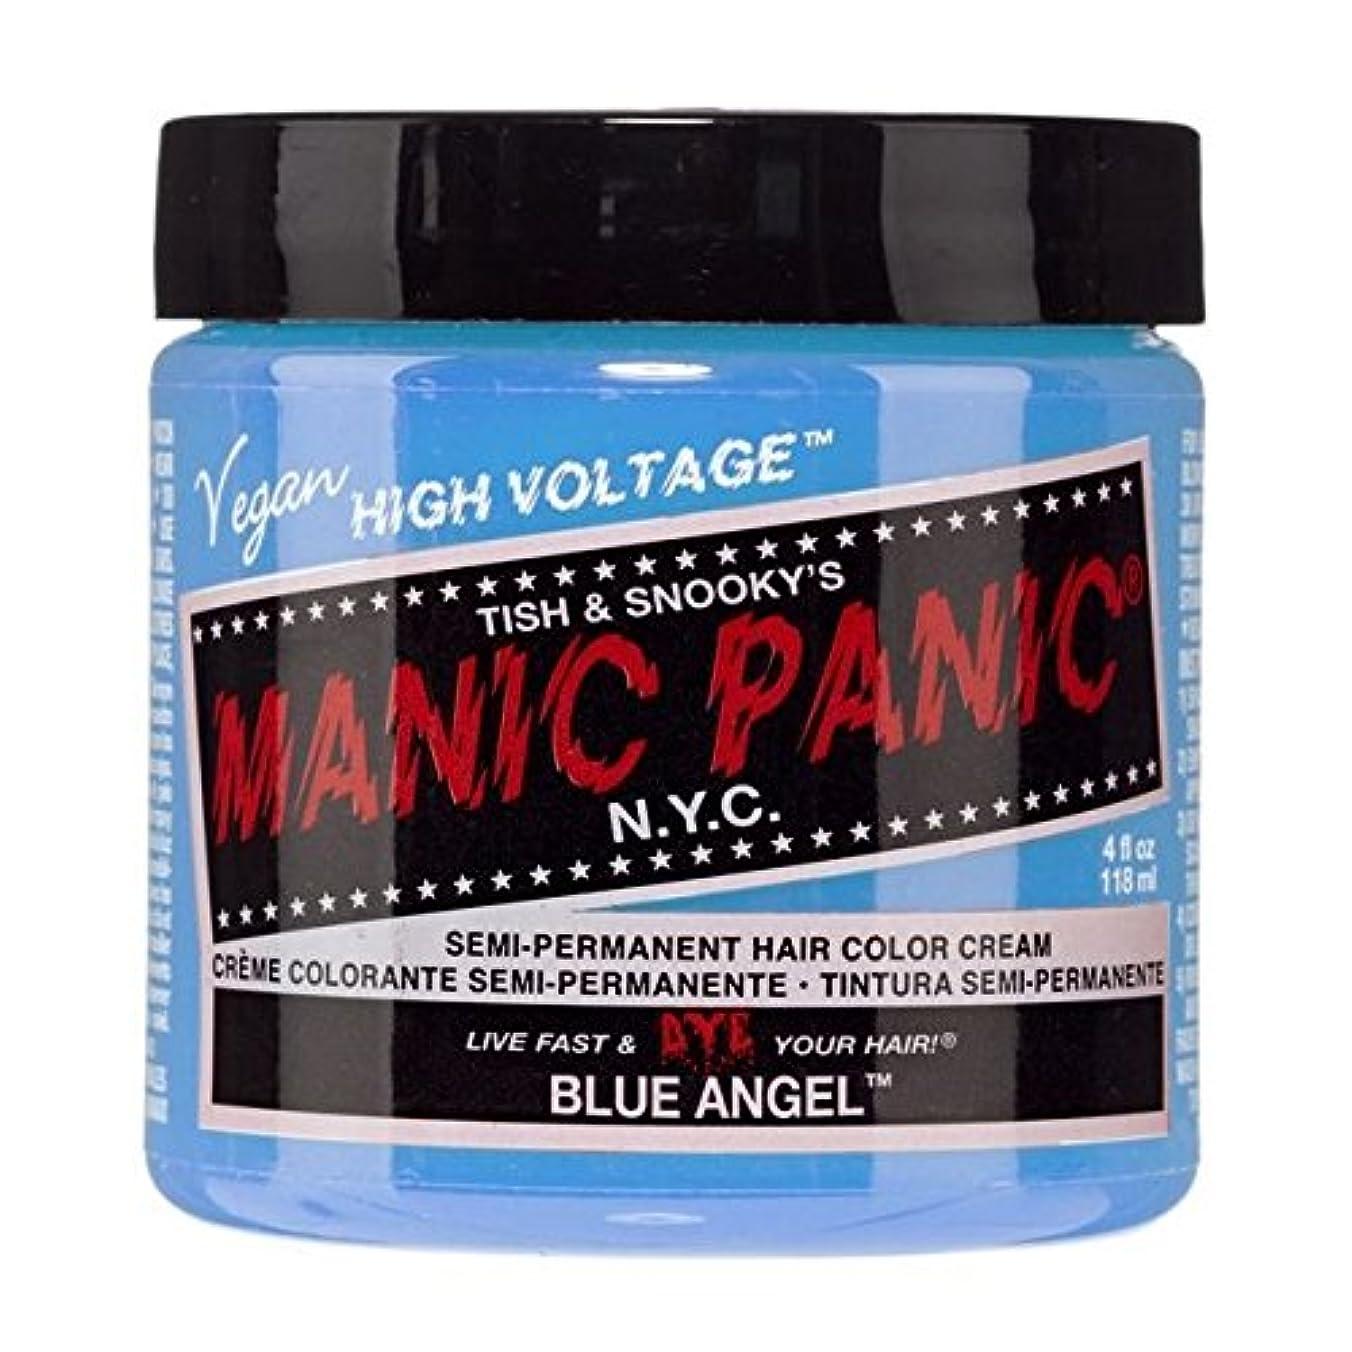 野心的側面より多いスペシャルセットMANIC PANICマニックパニック:BLUE ANGEL (ブルーエンジェル)+ヘアカラーケア4点セット